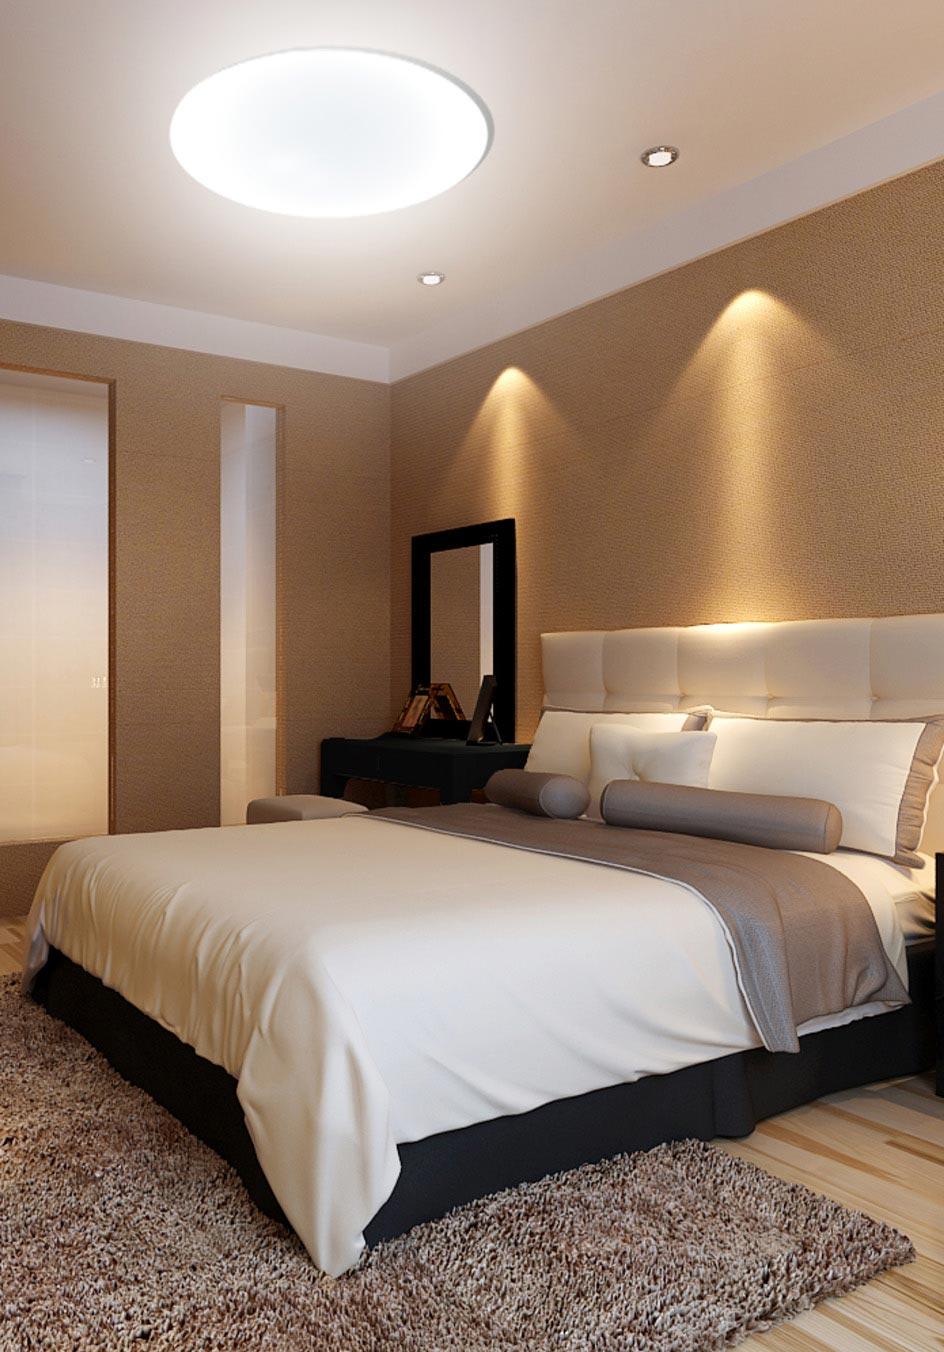 Plaf N Led Regulable Zero 77 Cm Luz C Lida Fr A ~ Plafones De Techo Para Dormitorio